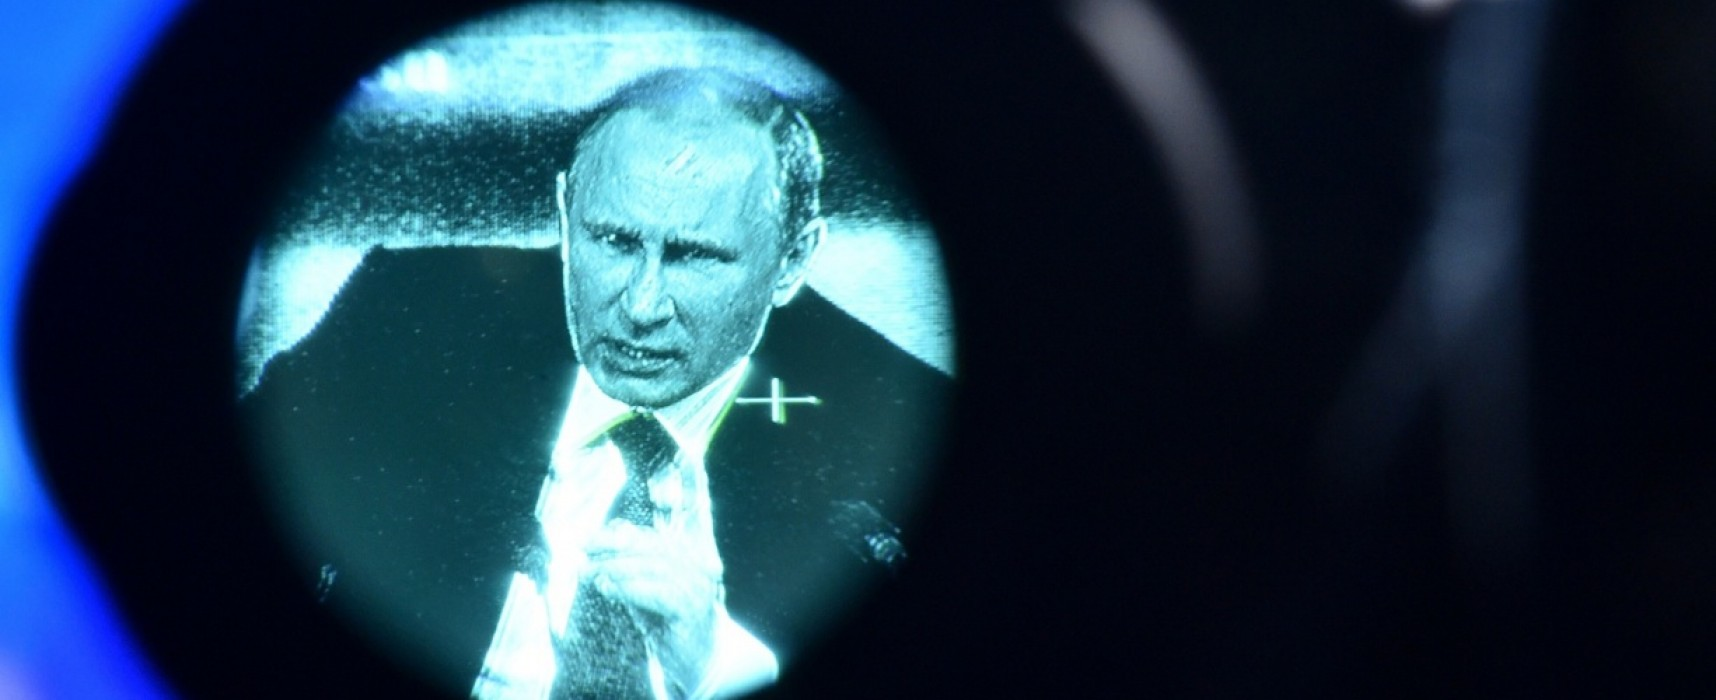 Россияне не верят пропаганде, но хотят быть великой страной — The Guardian